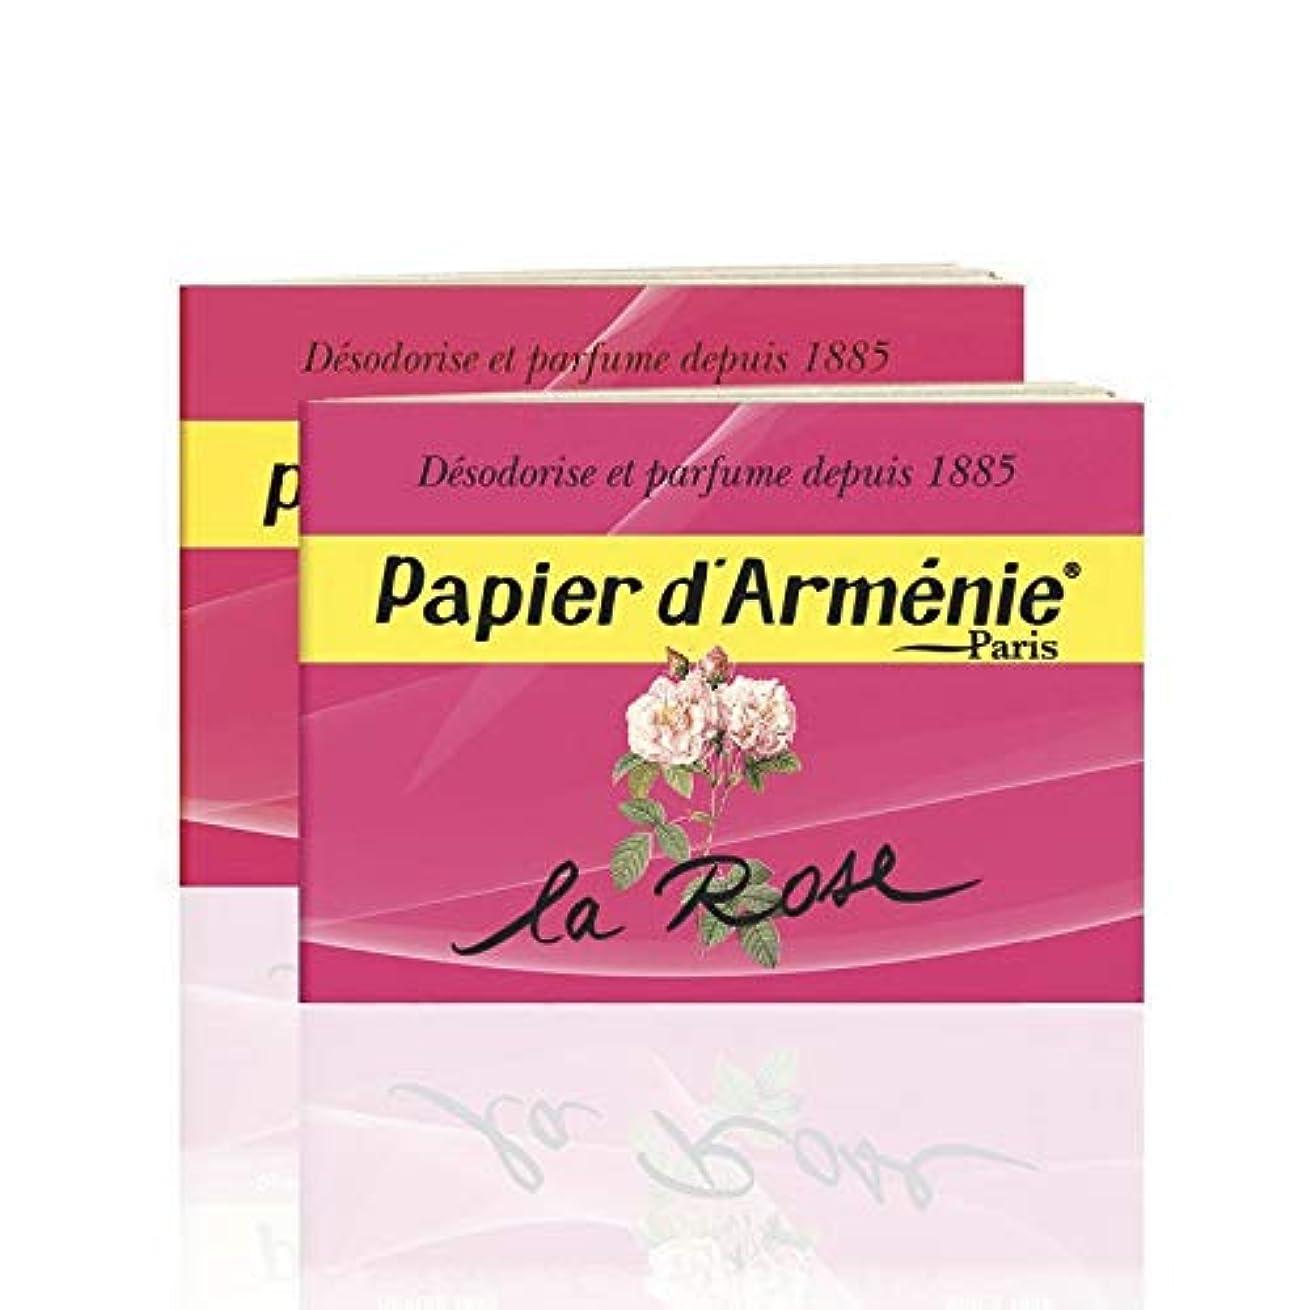 分析ベリ子供達パピエダルメニィ ローズ Papier d'Armenie La Rose (3)